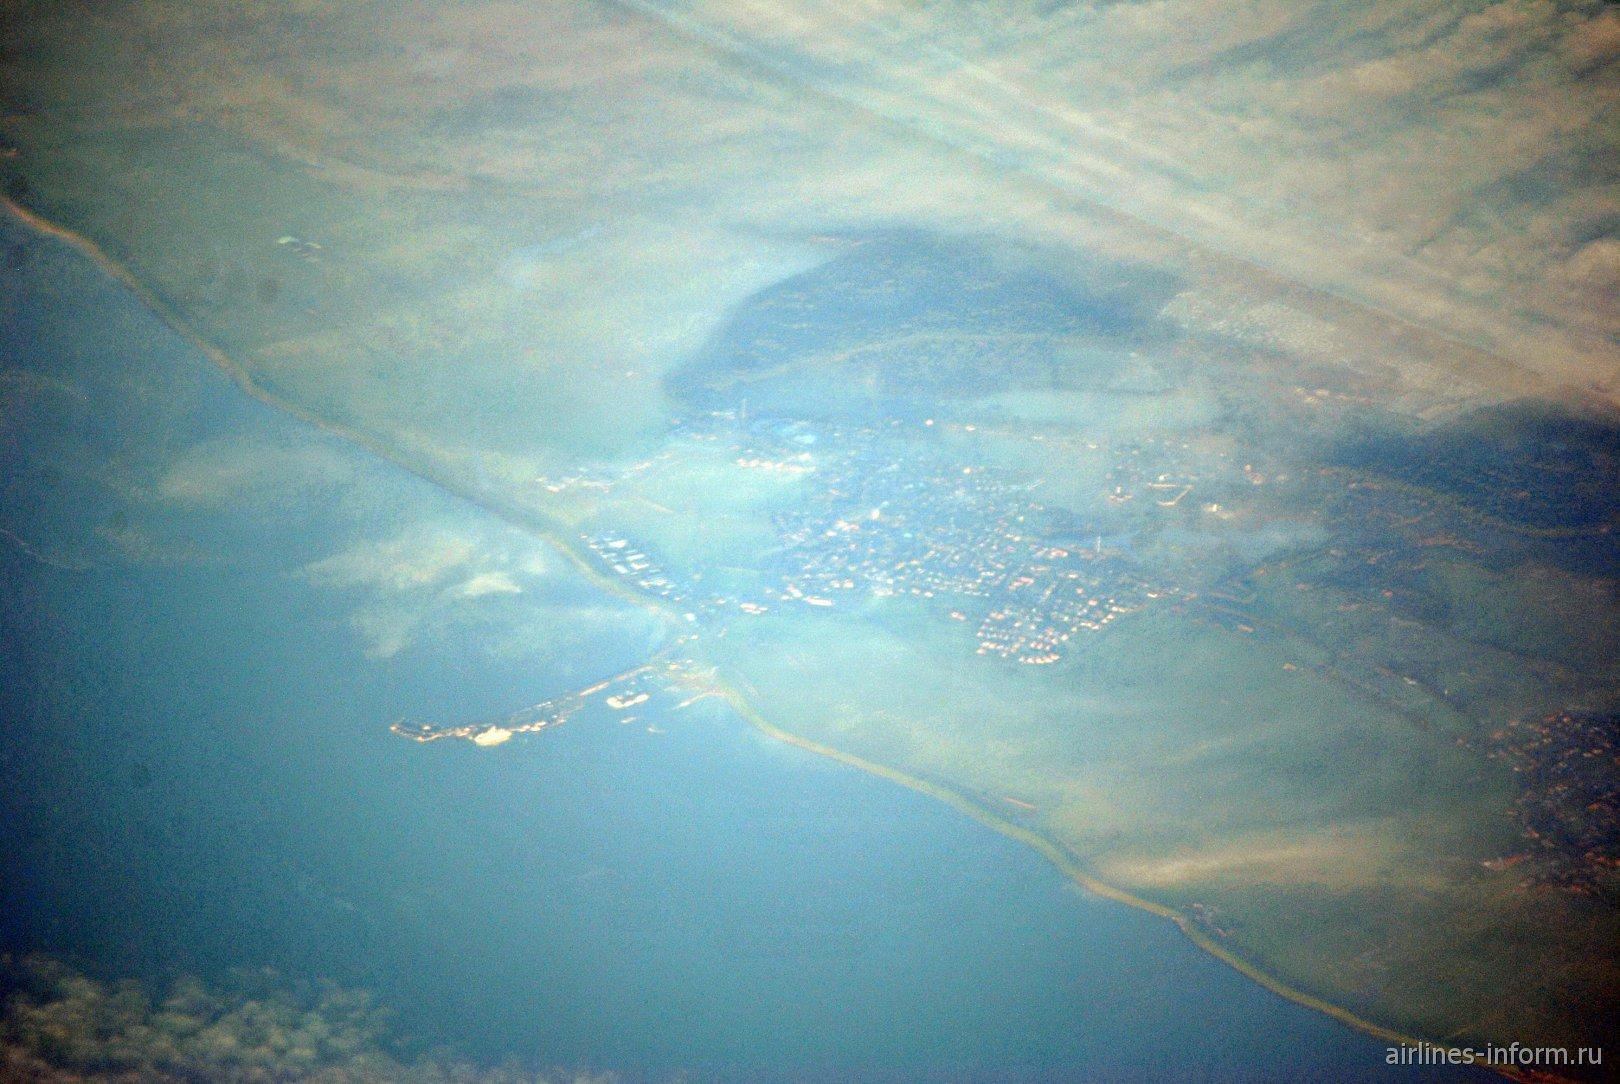 Город Нес на острове Амеланд из архипелага Фризских островов